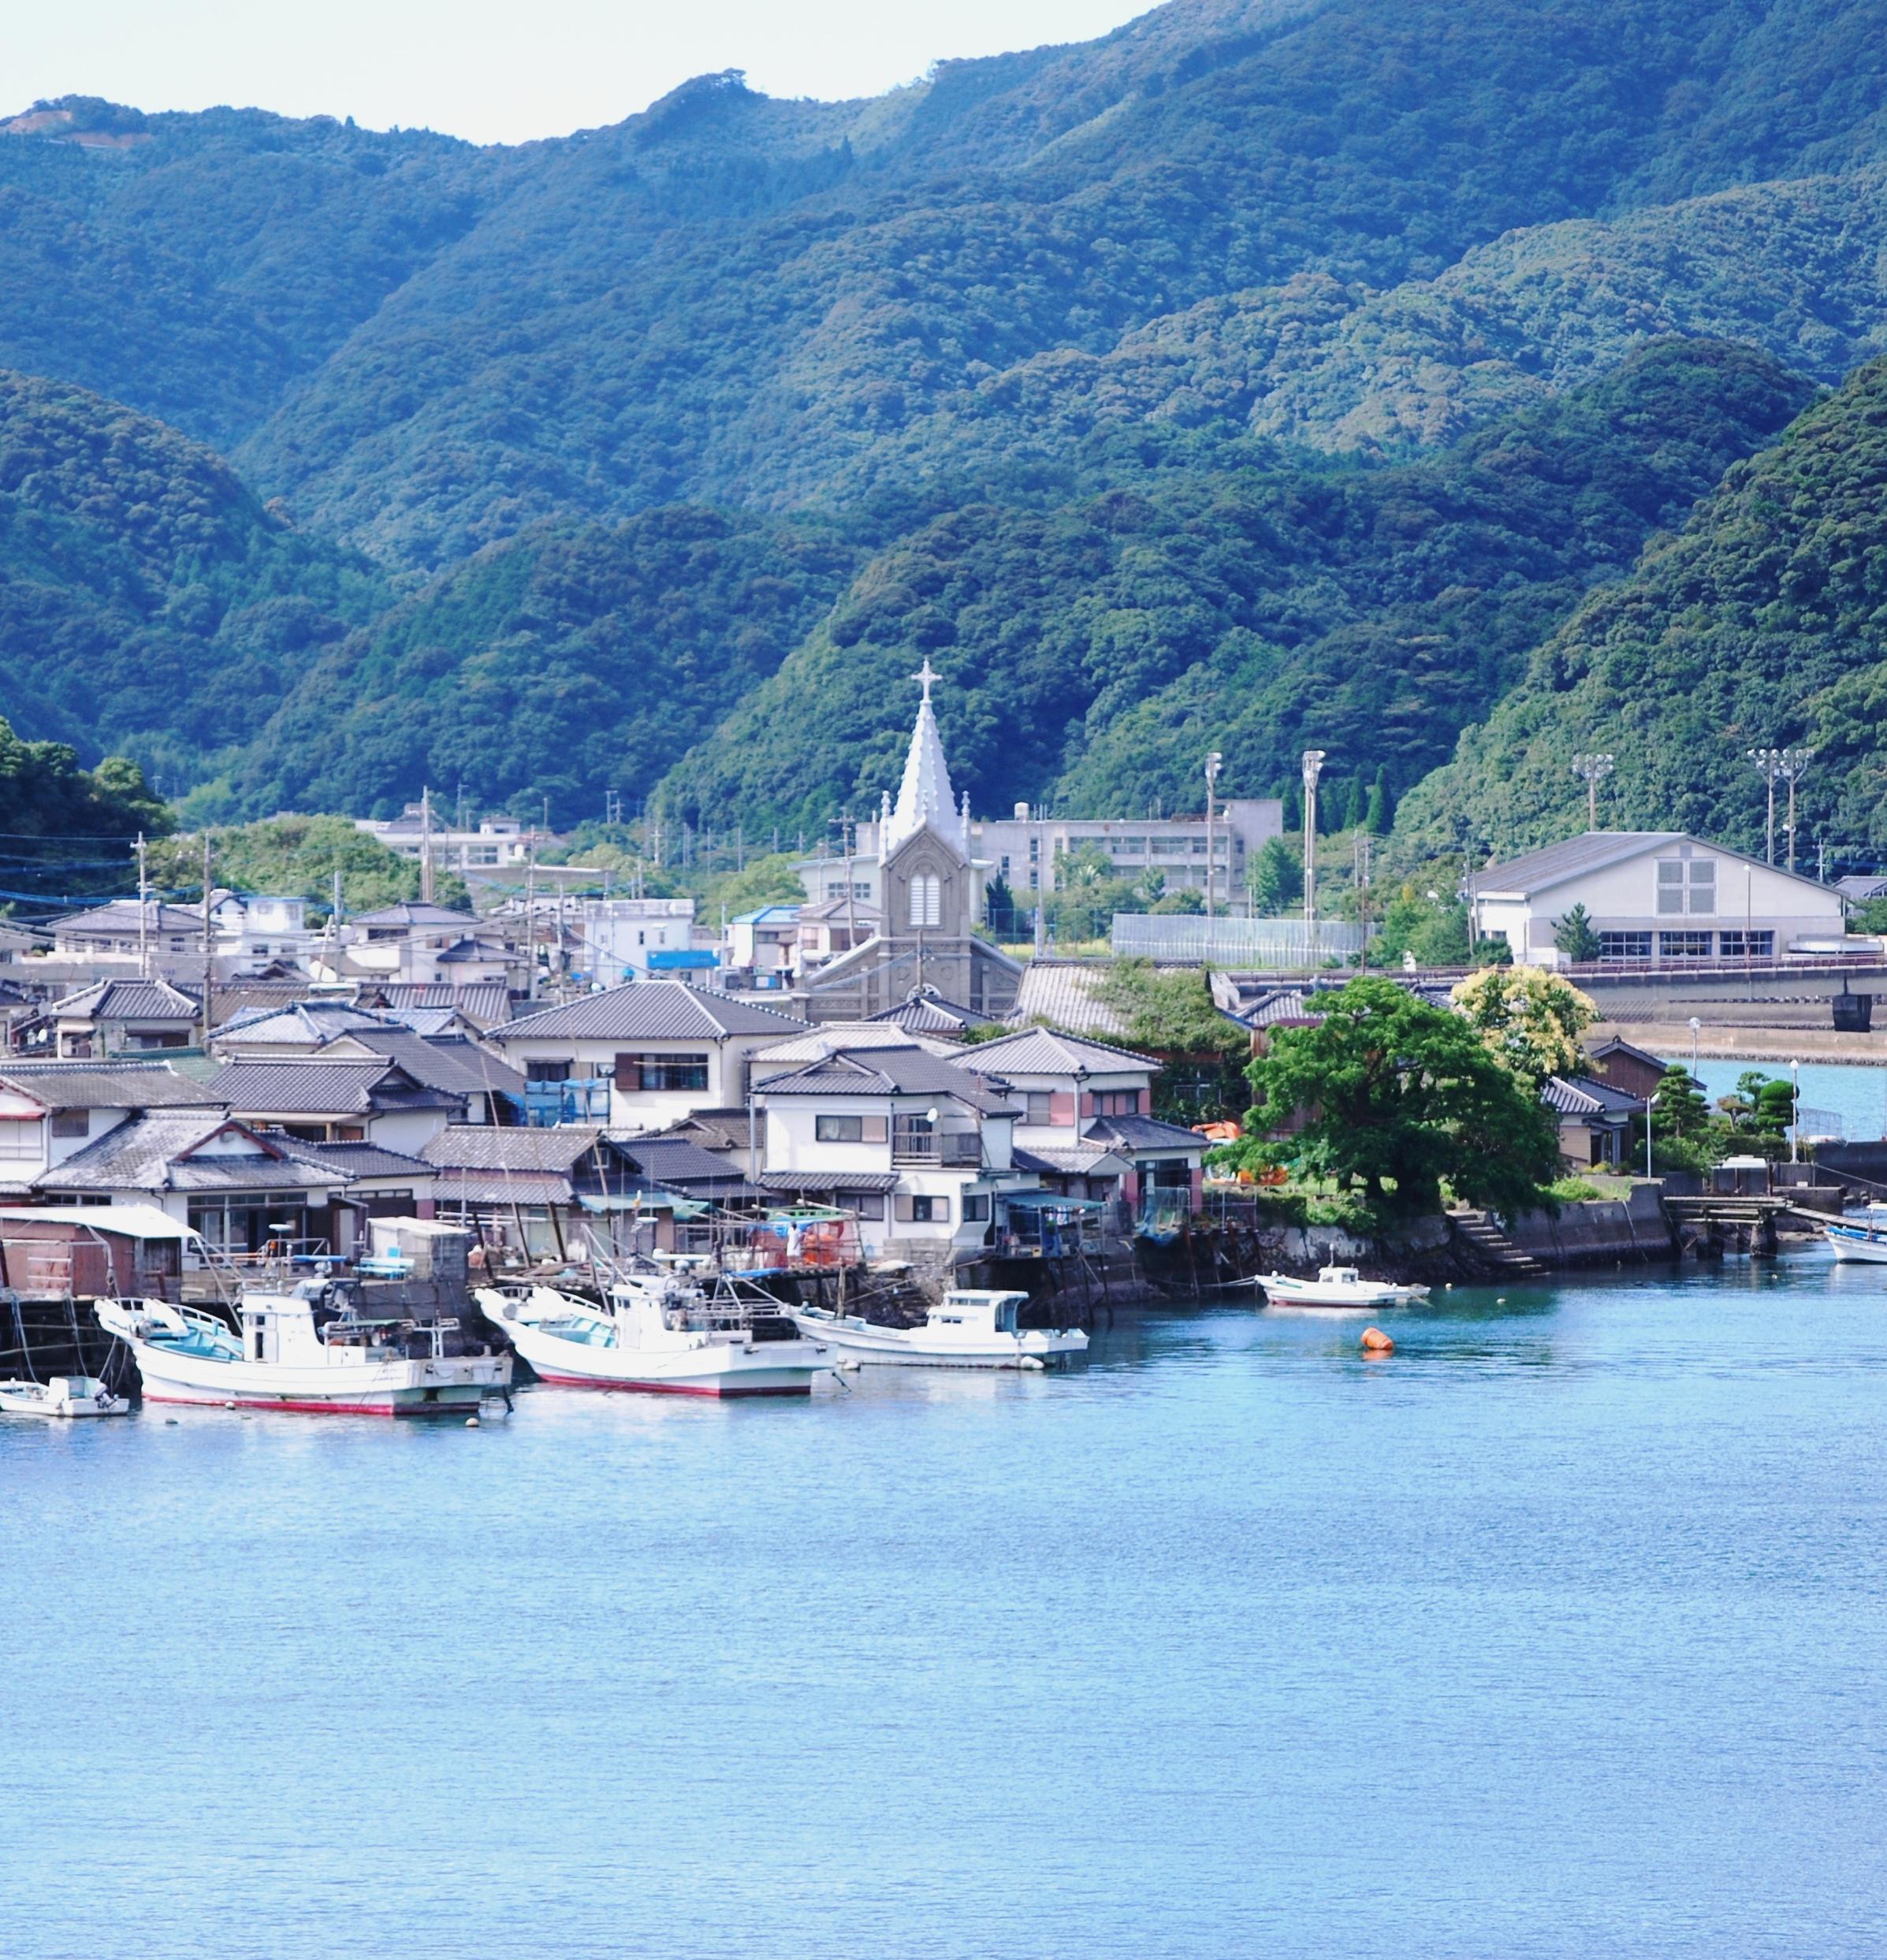 長崎と天草地方の潜伏キリシタン関連遺産の画像 p1_28